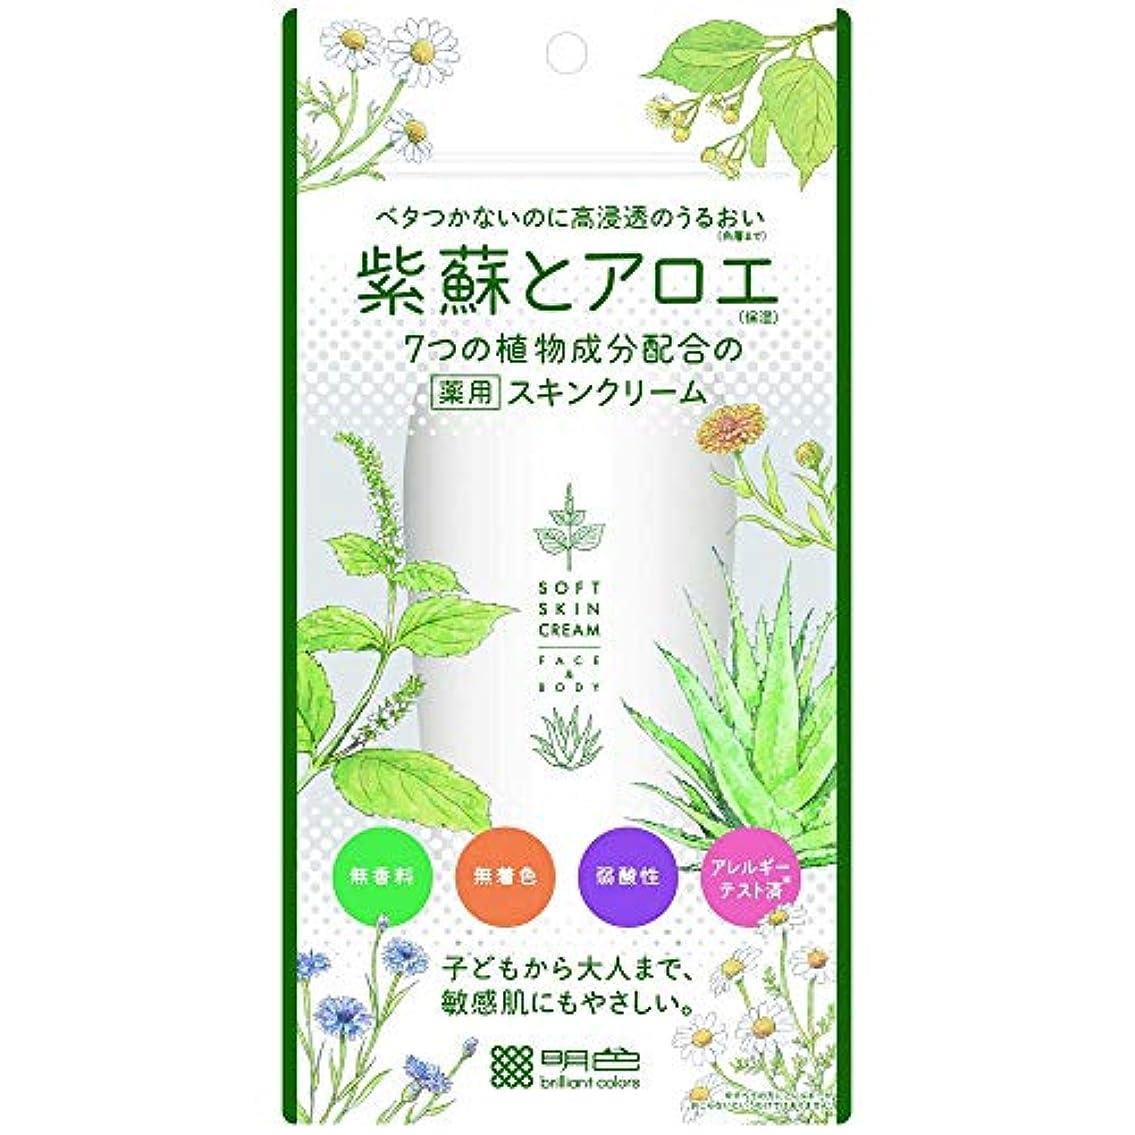 【7個セット】紫蘇とアロエ 薬用スキンクリーム 190g